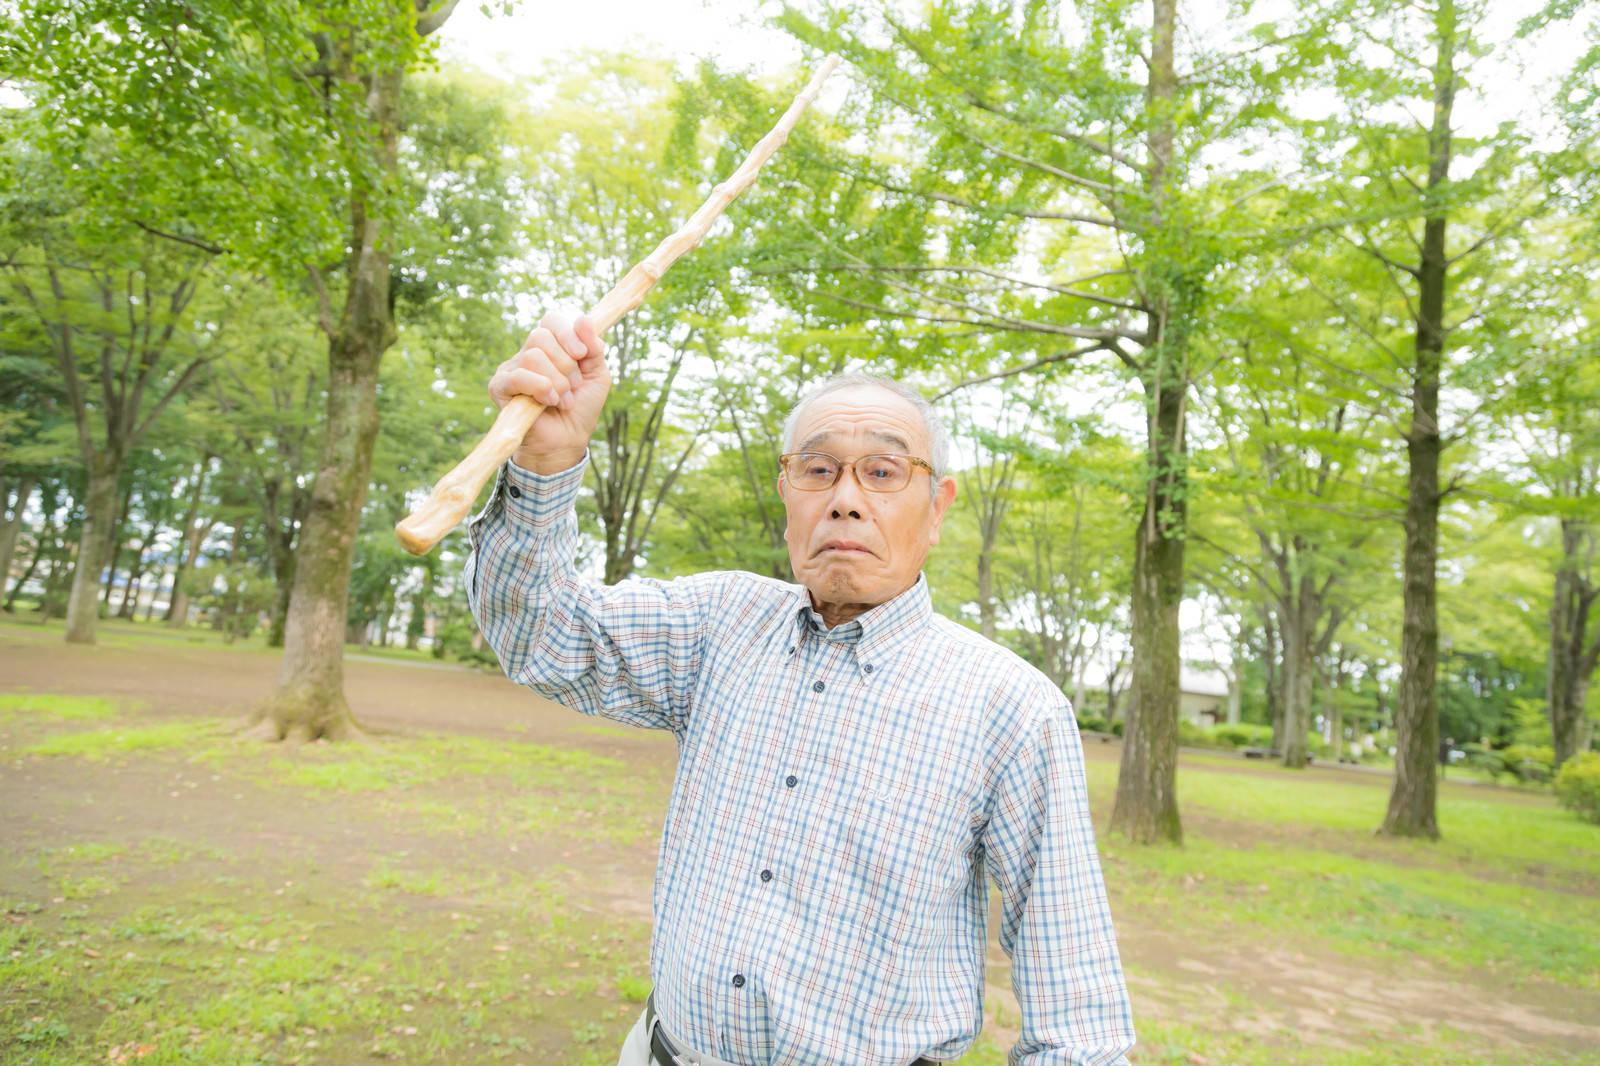 「激おこのお爺さんが持っていた杖を振りかざしてきた」の写真[モデル:まーちゃん]